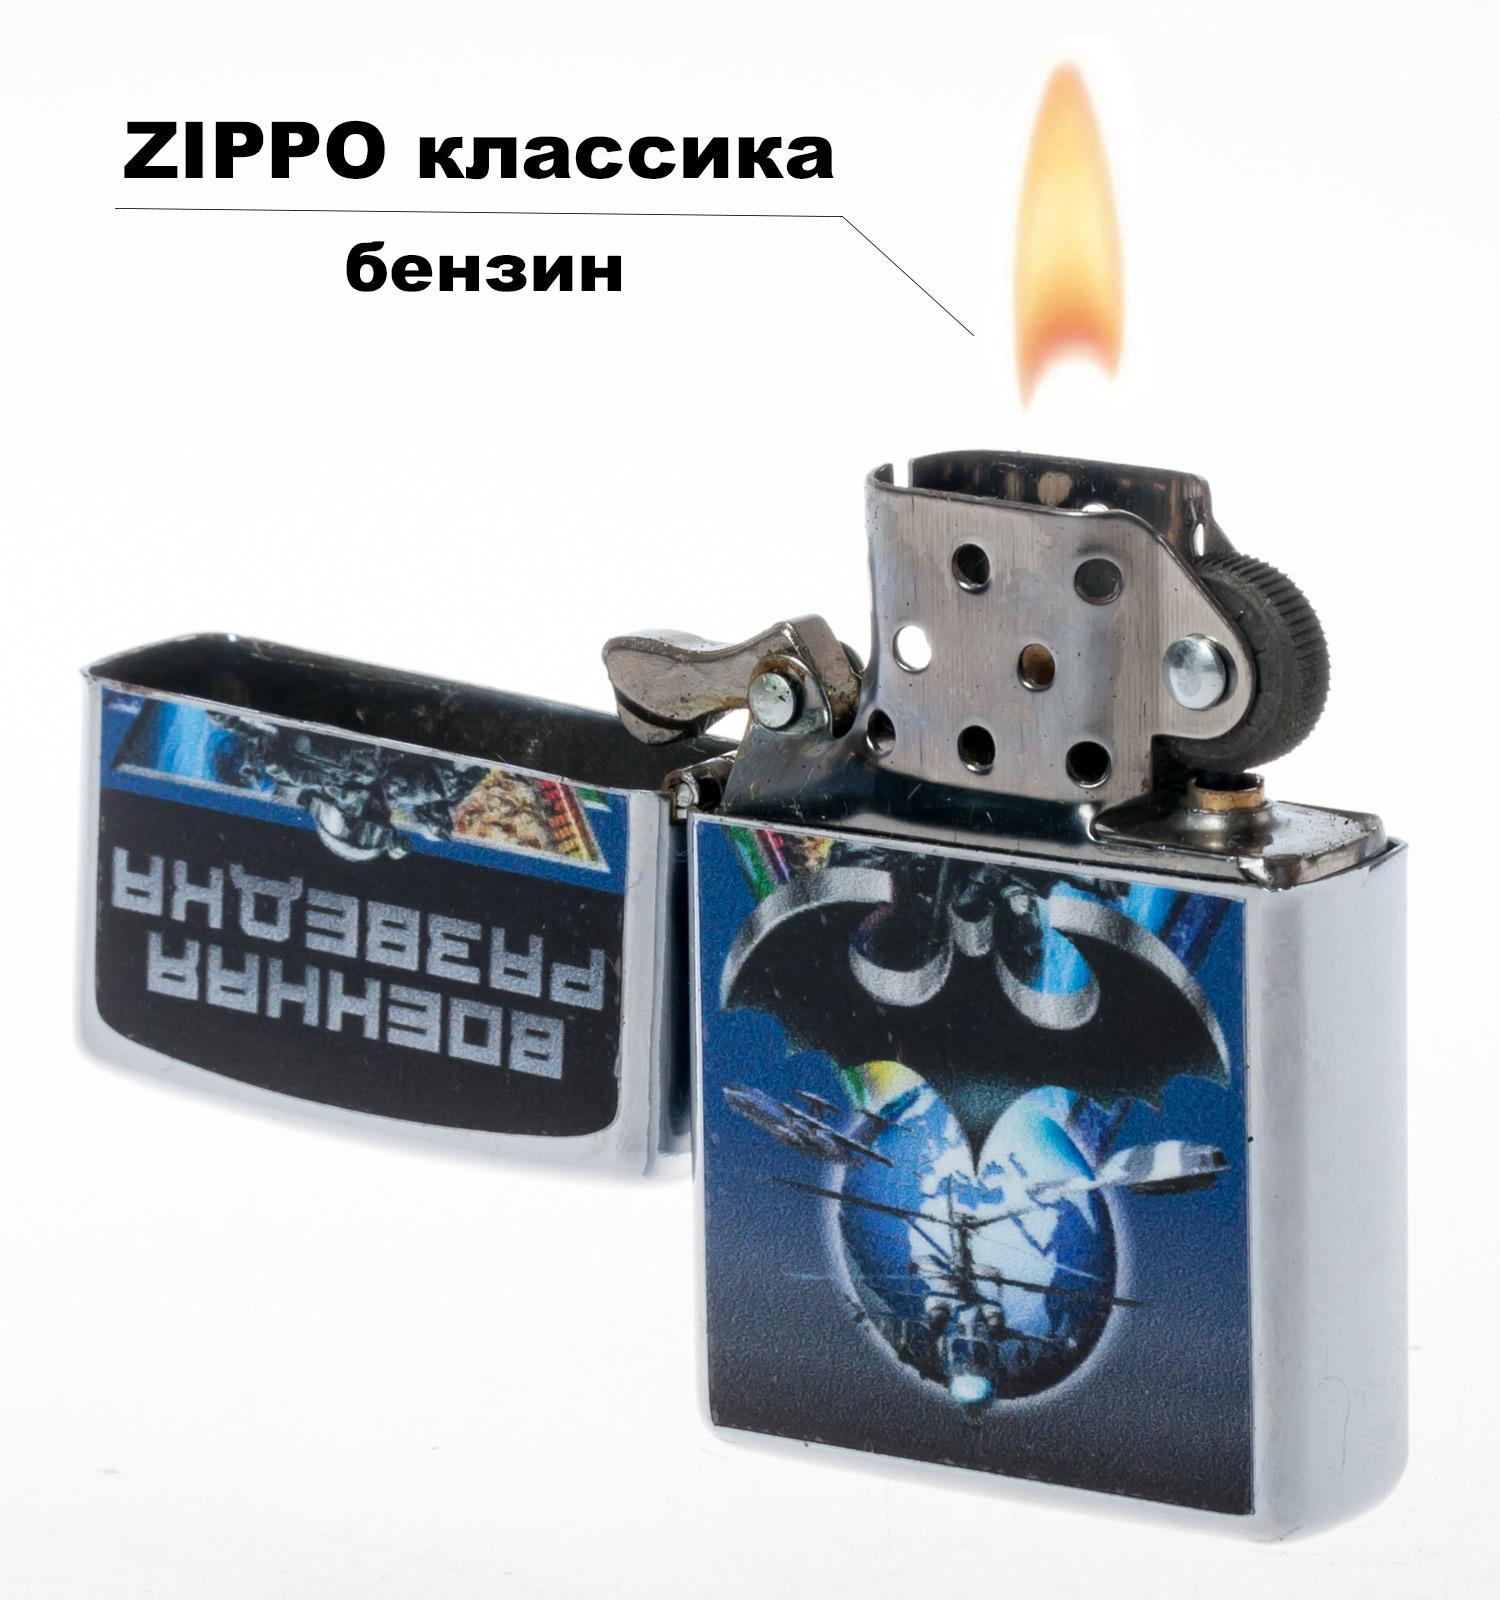 Купить зажигалки Зиппо онлайн в Военпро